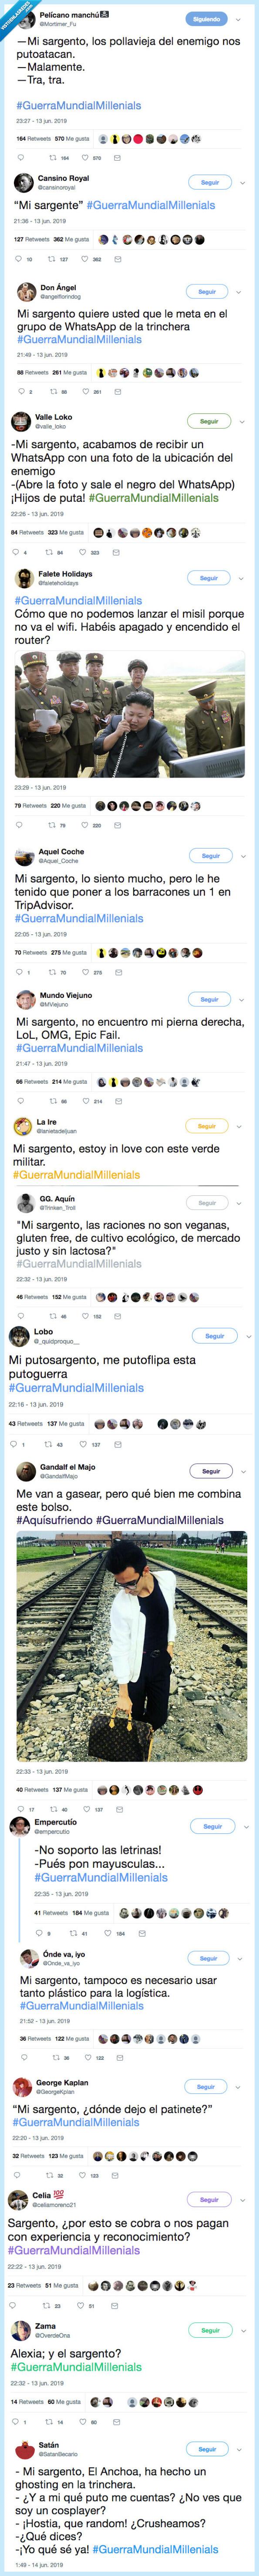 guerra mundial,millenials,twitter